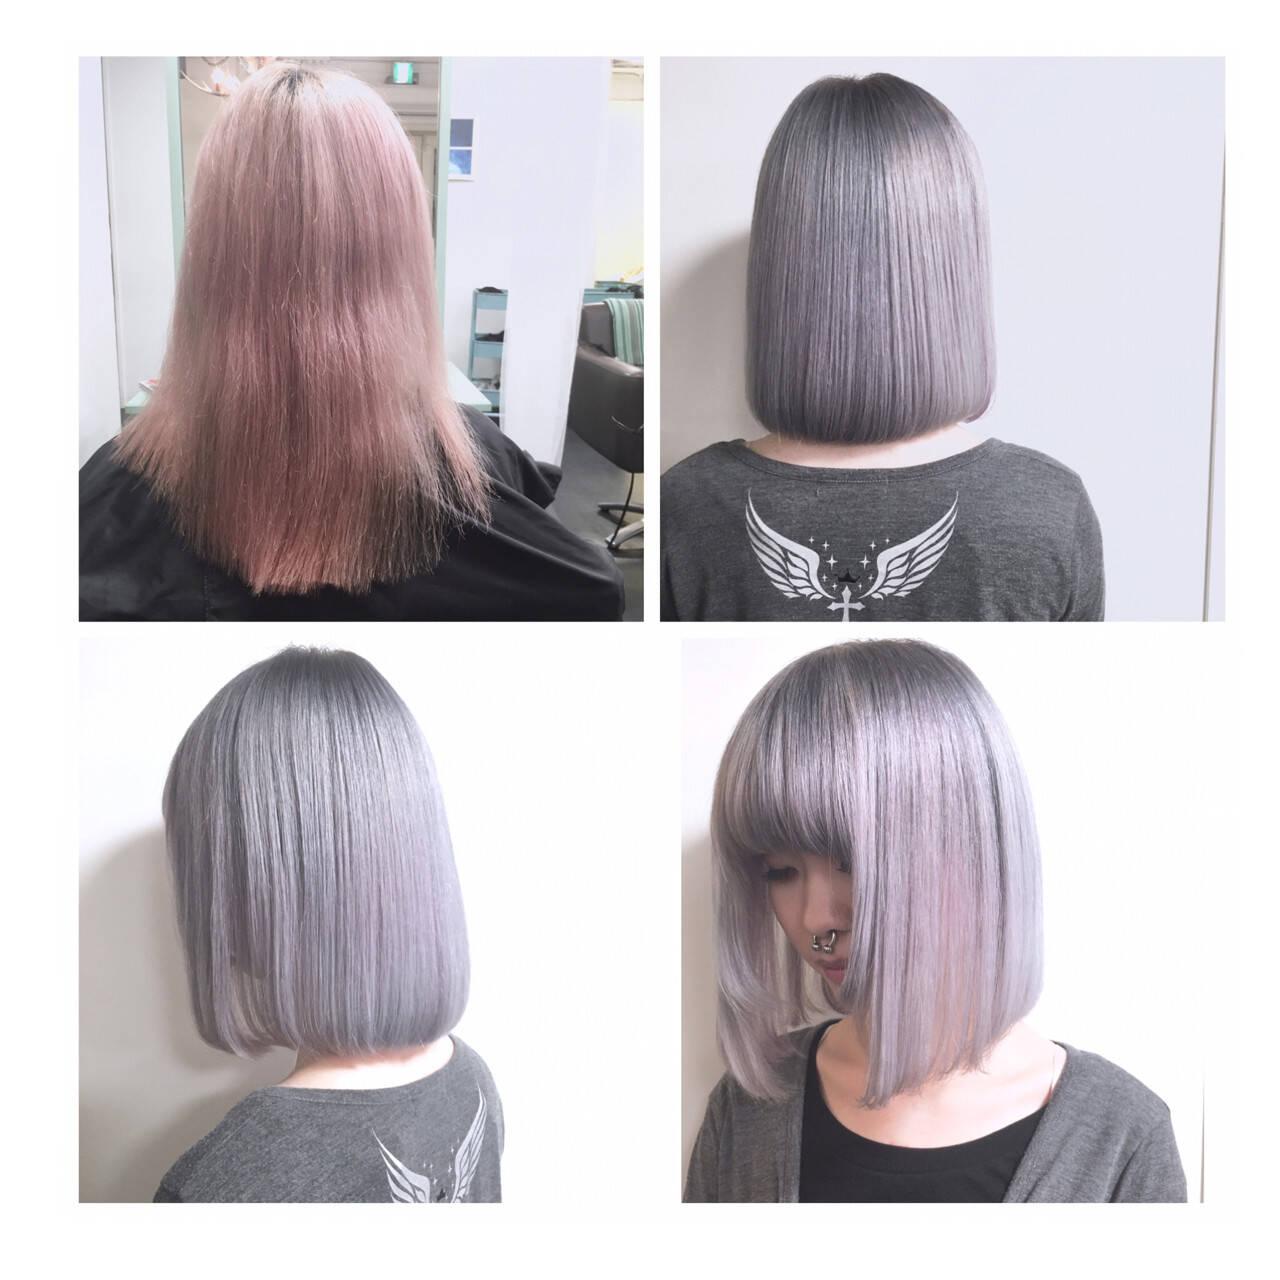 パールアクセ ハイトーン モード ボブヘアスタイルや髪型の写真・画像